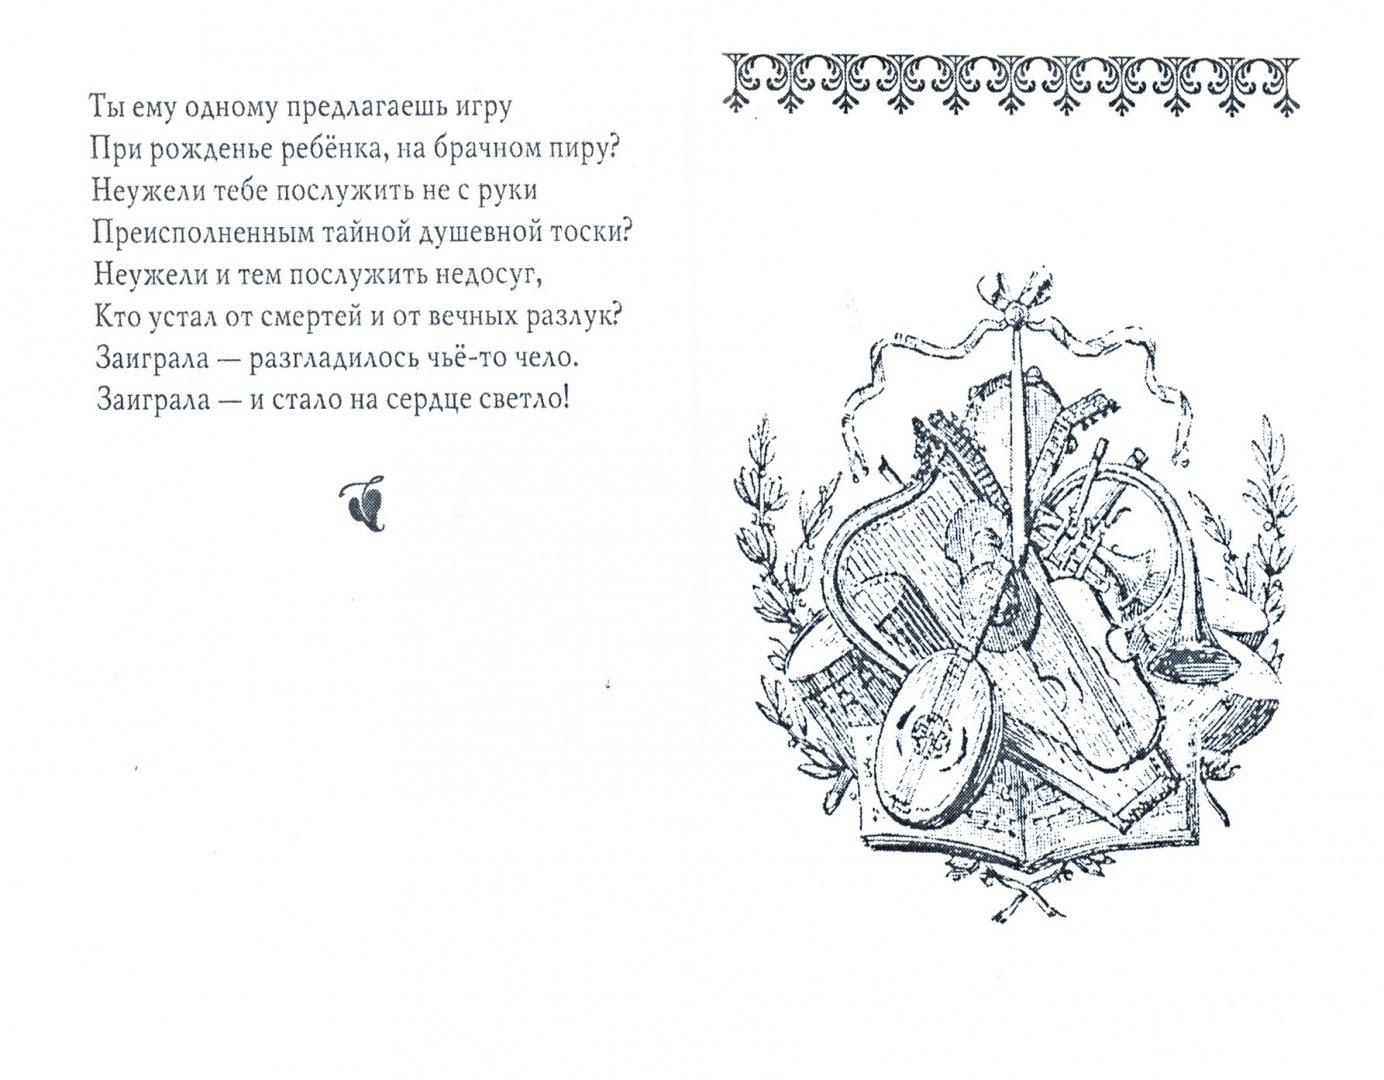 Иллюстрация 1 из 20 для Английская миниатюрная поэзия - Китс, Шекспир, Дэвис, Кэрролл, Свифт, Мур, Киплинг, Дойл, Байрон, Бернс, Теккерей | Лабиринт - книги. Источник: Лабиринт